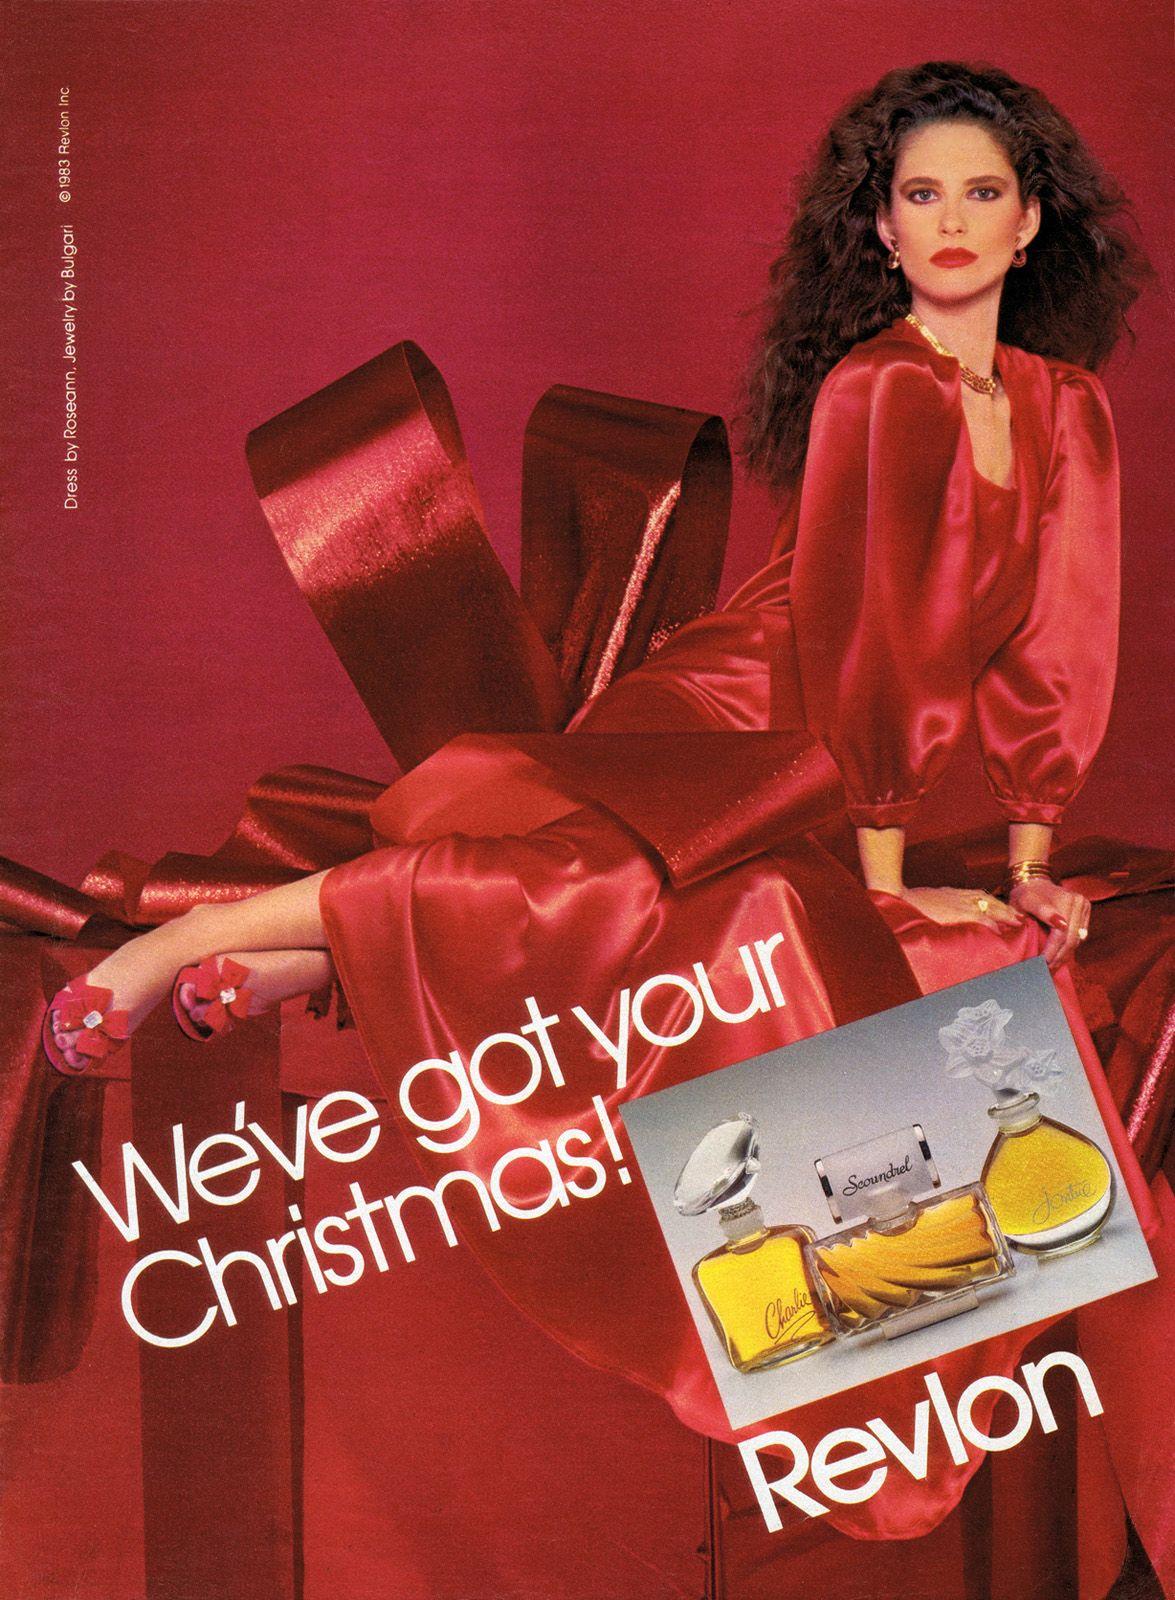 Revlon Christmas.jpg